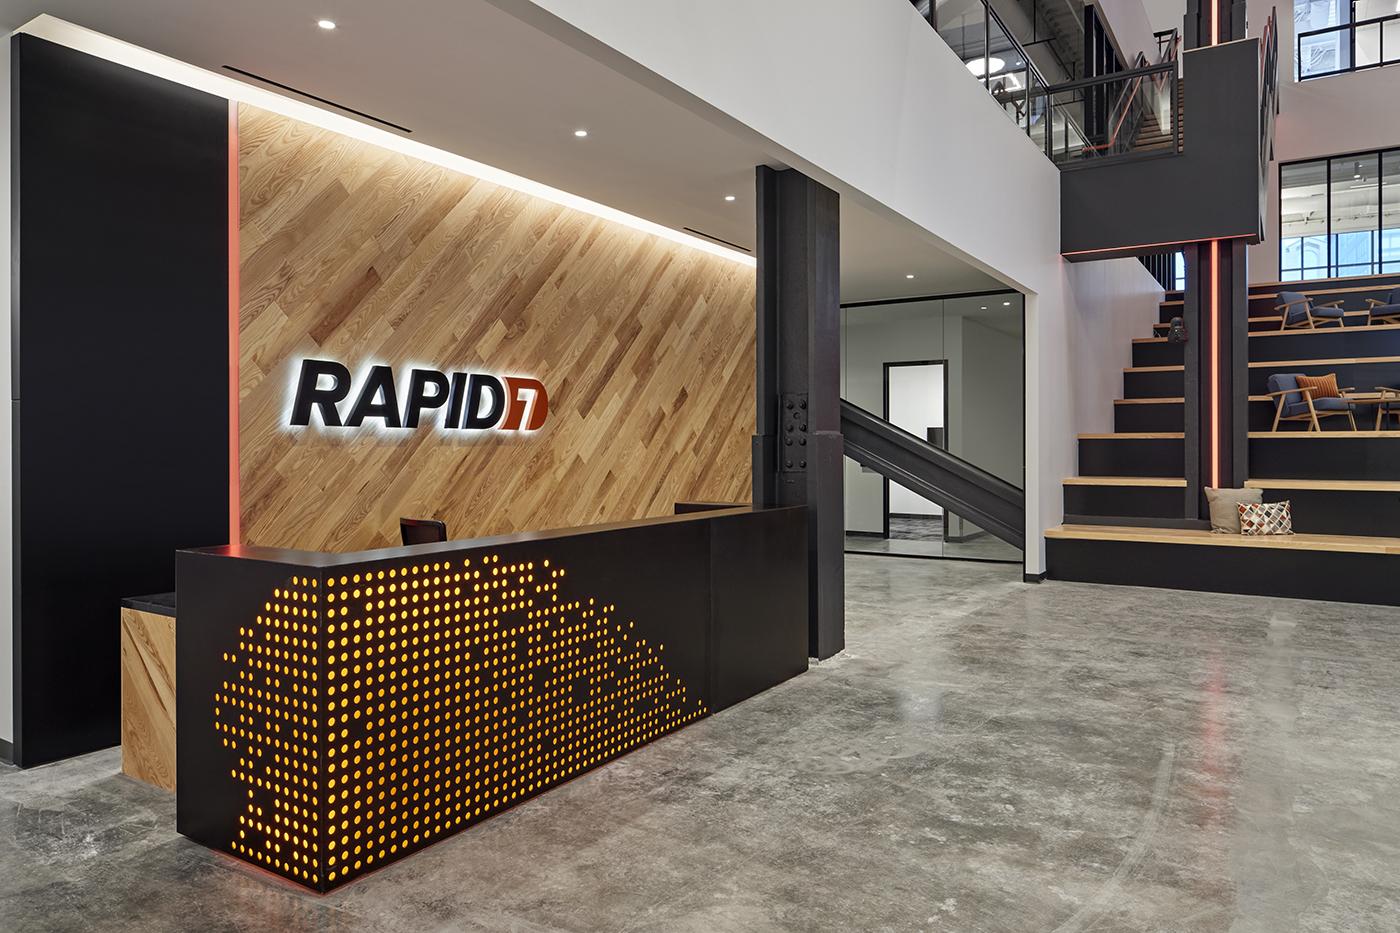 IA Rapid7 2019 01a Resized